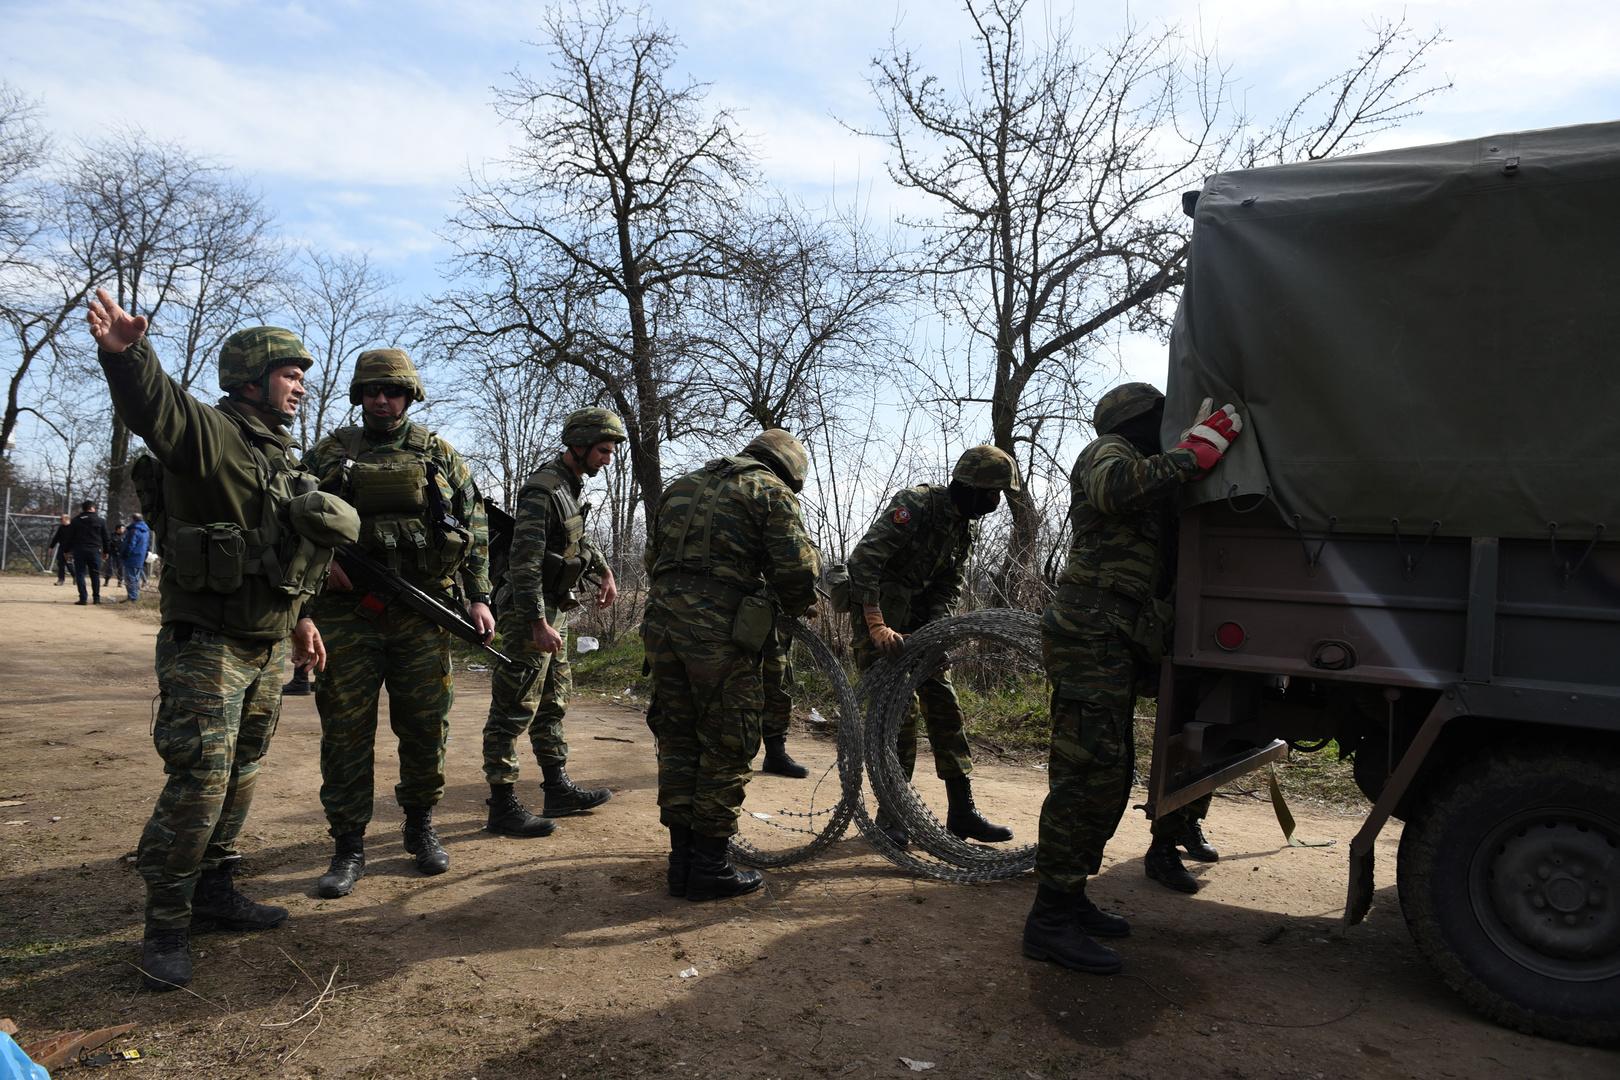 Griechische Soldaten bringen Stacheldraht an Grenzzaun zur Türkei